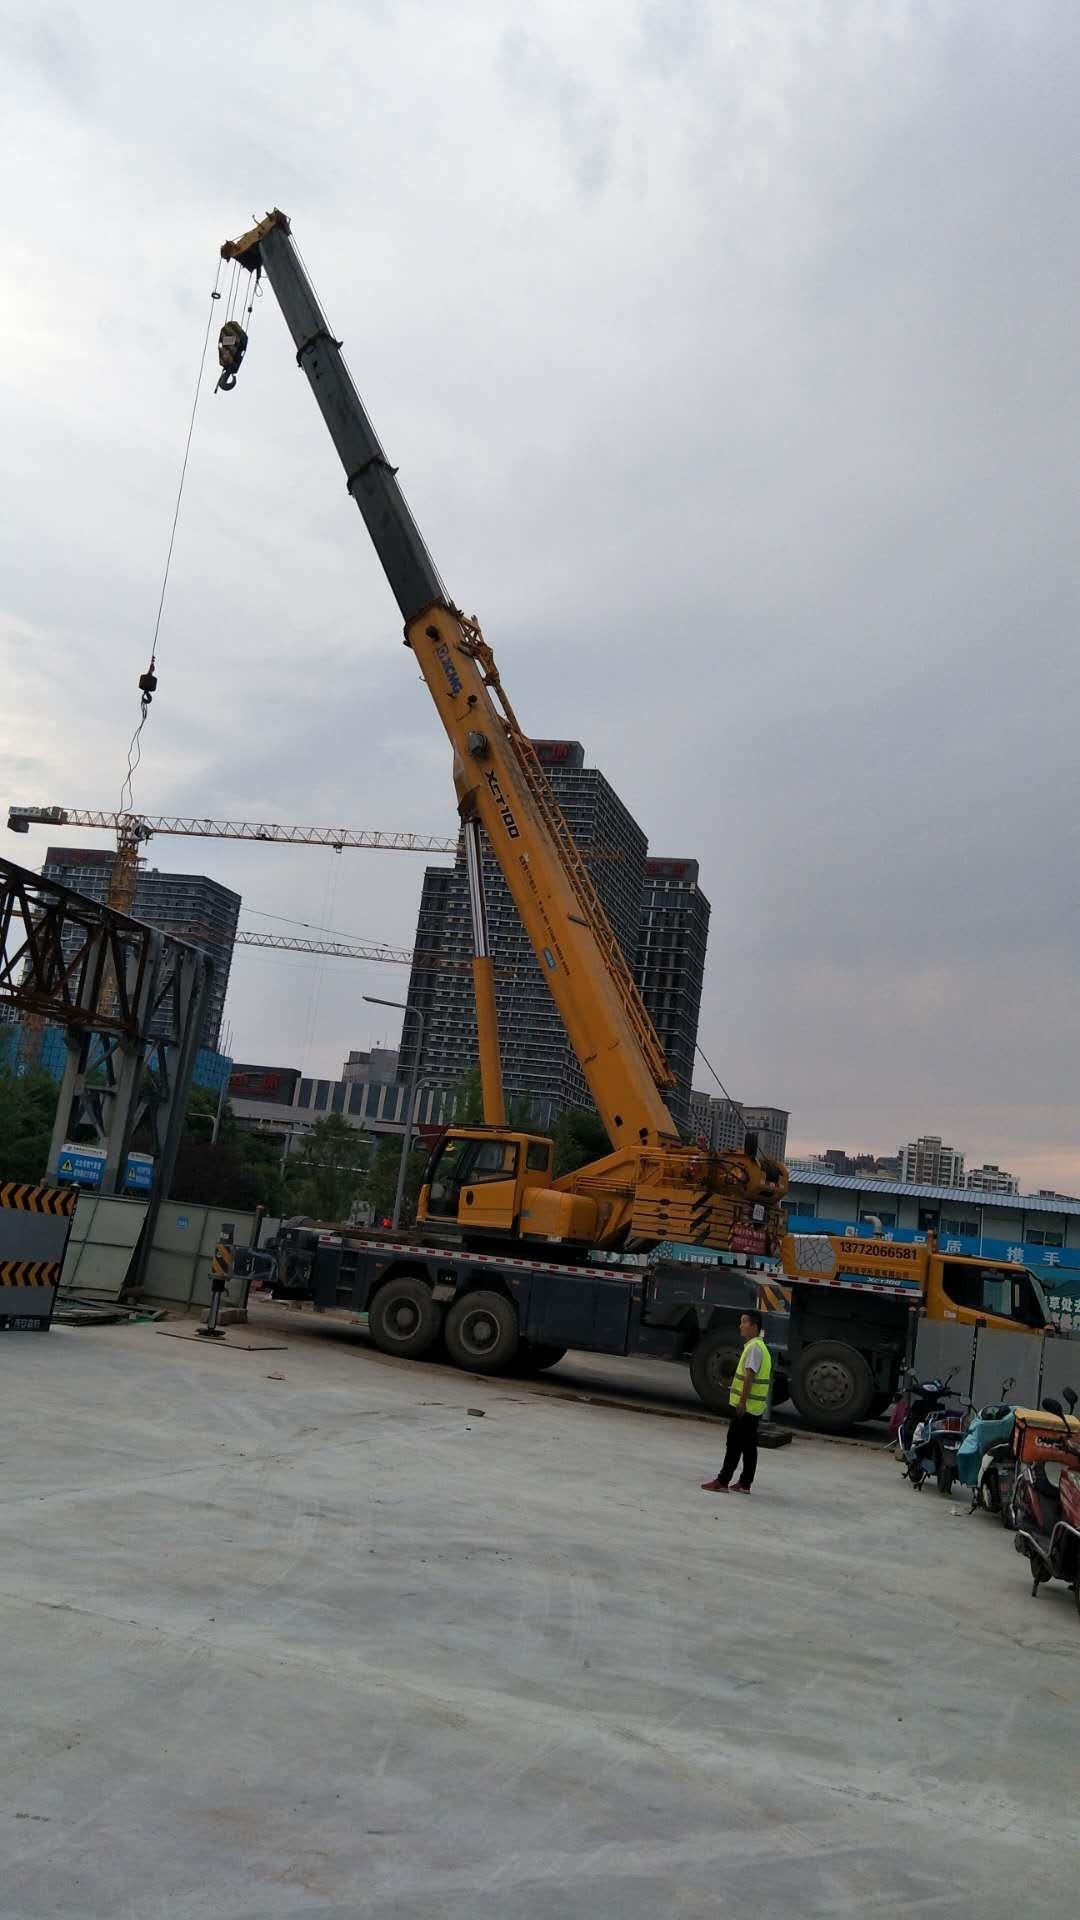 吊装搬运_机械吊装搬运相关-陕西浩宇吊装搬运有限公司